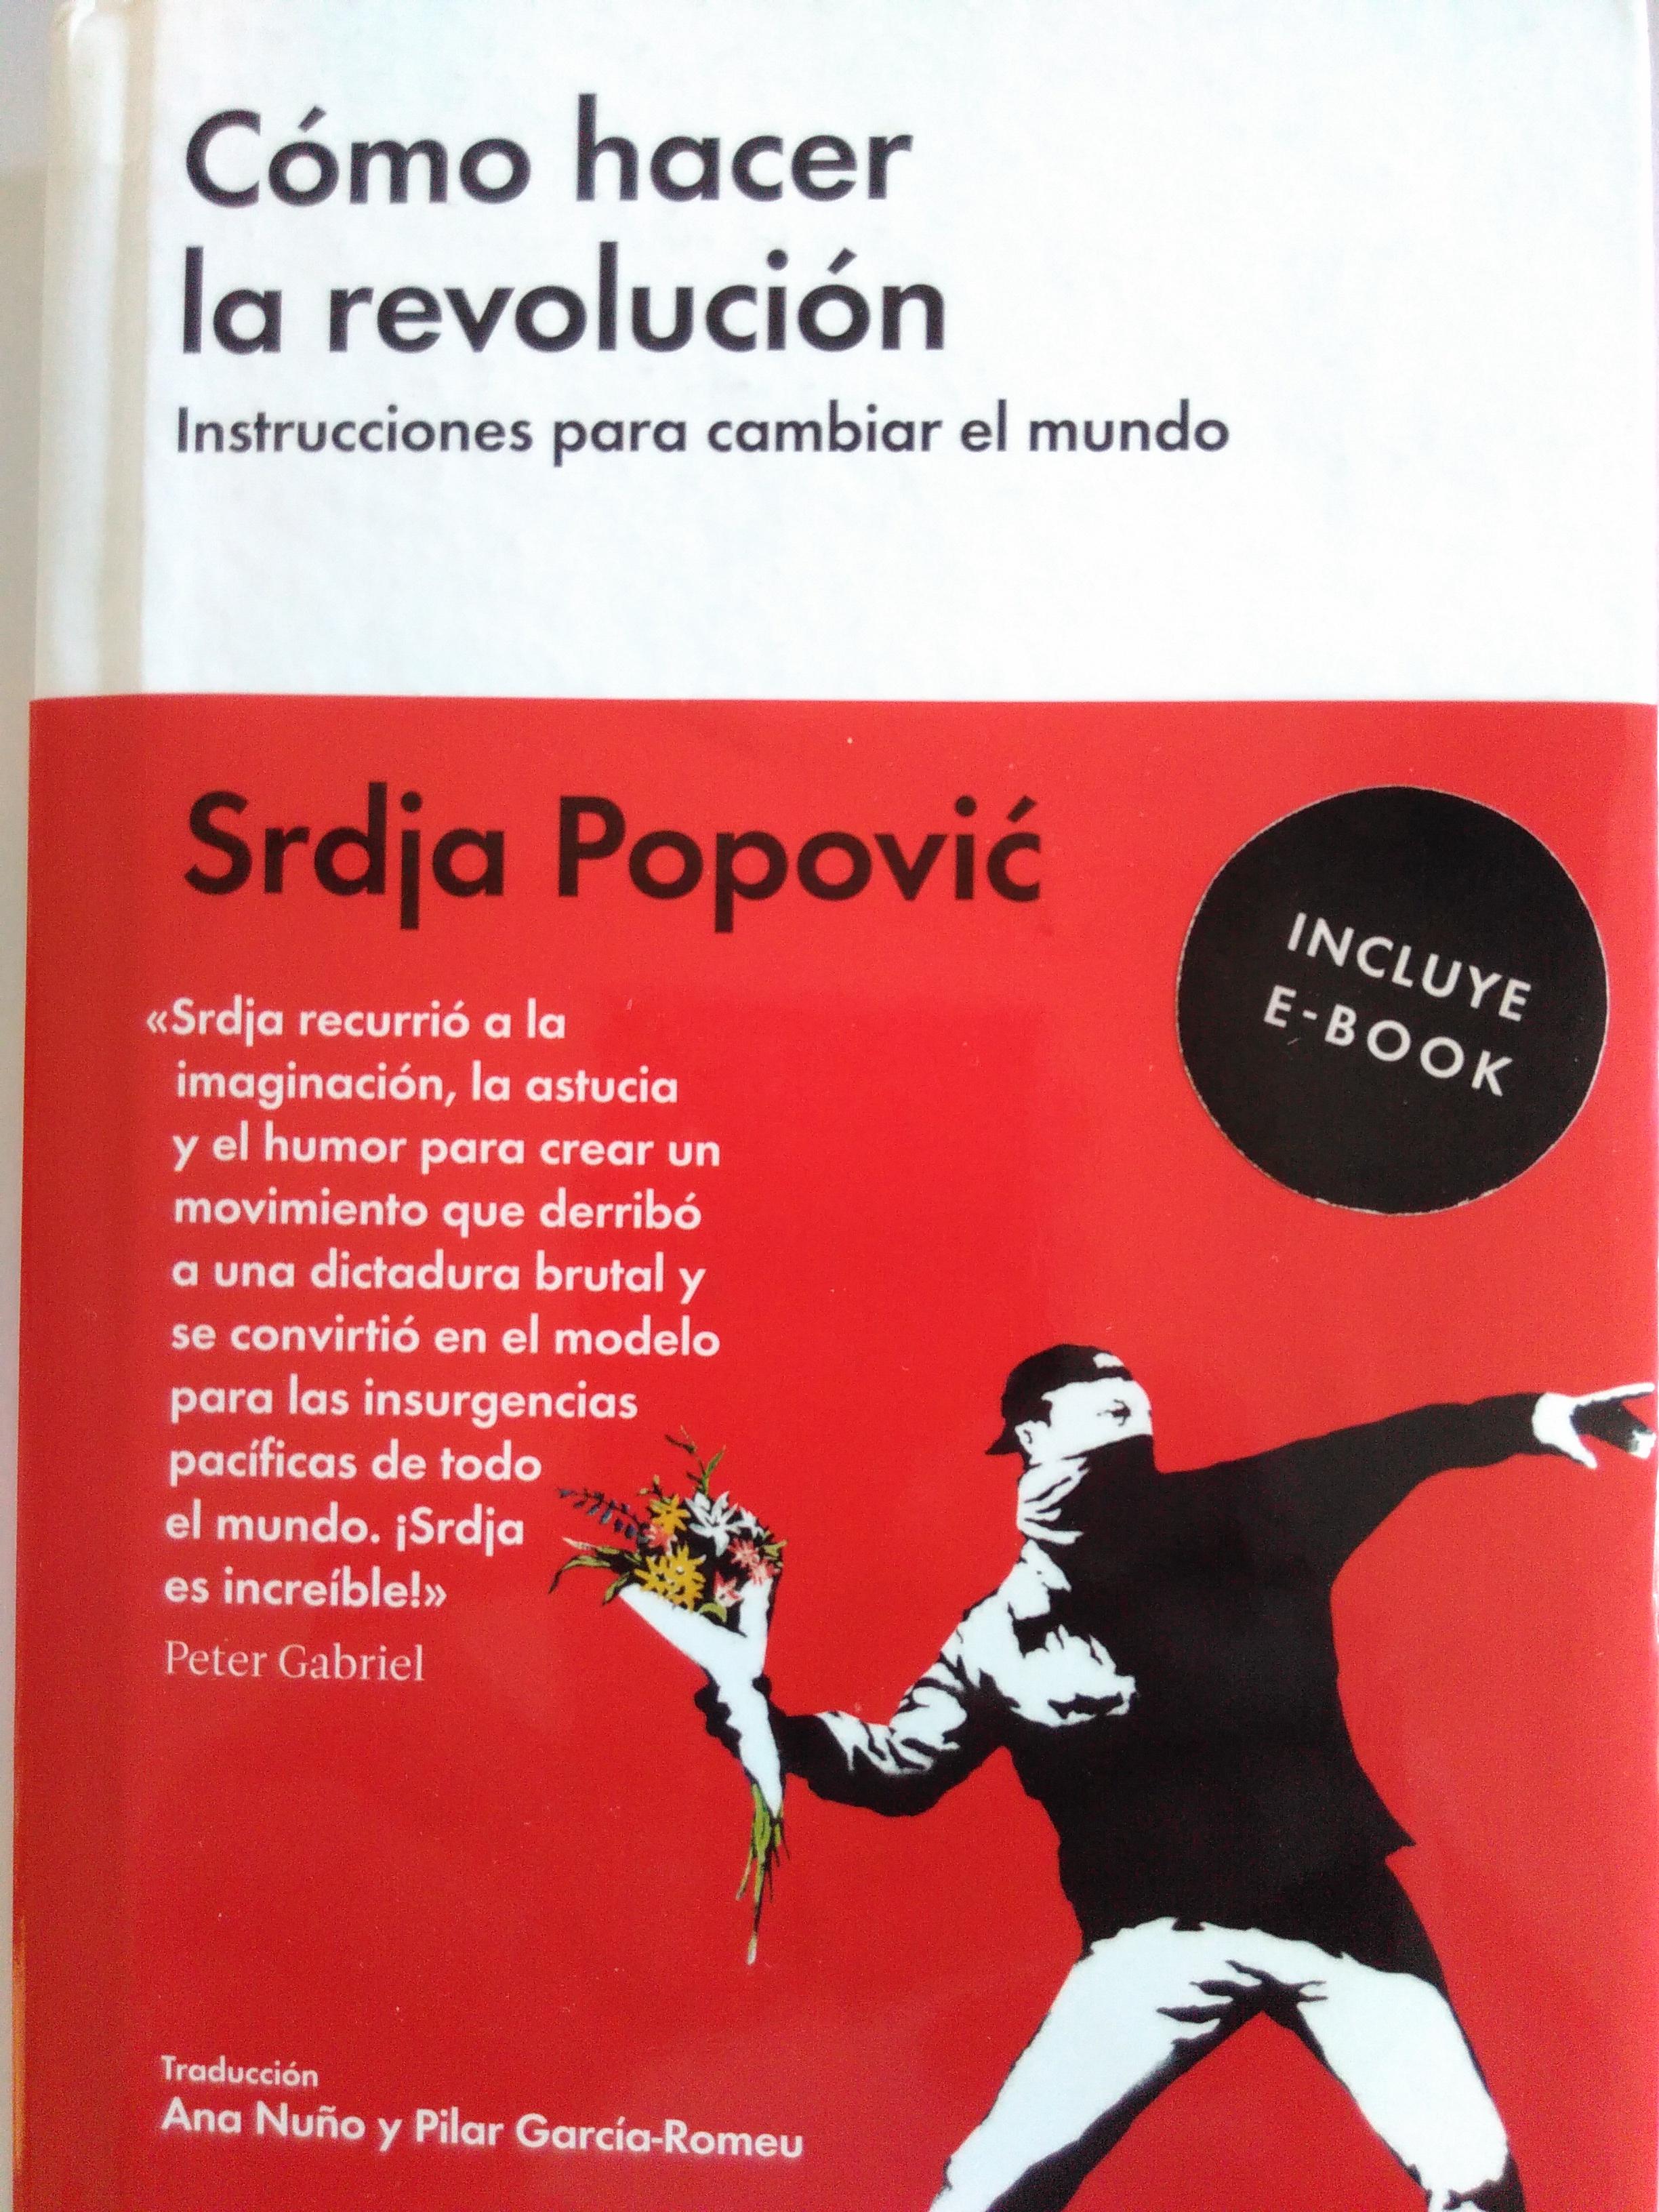 Cómo hacer la revolución. Instrucciones para cambiar el mundo. Srdja Popović. 2016